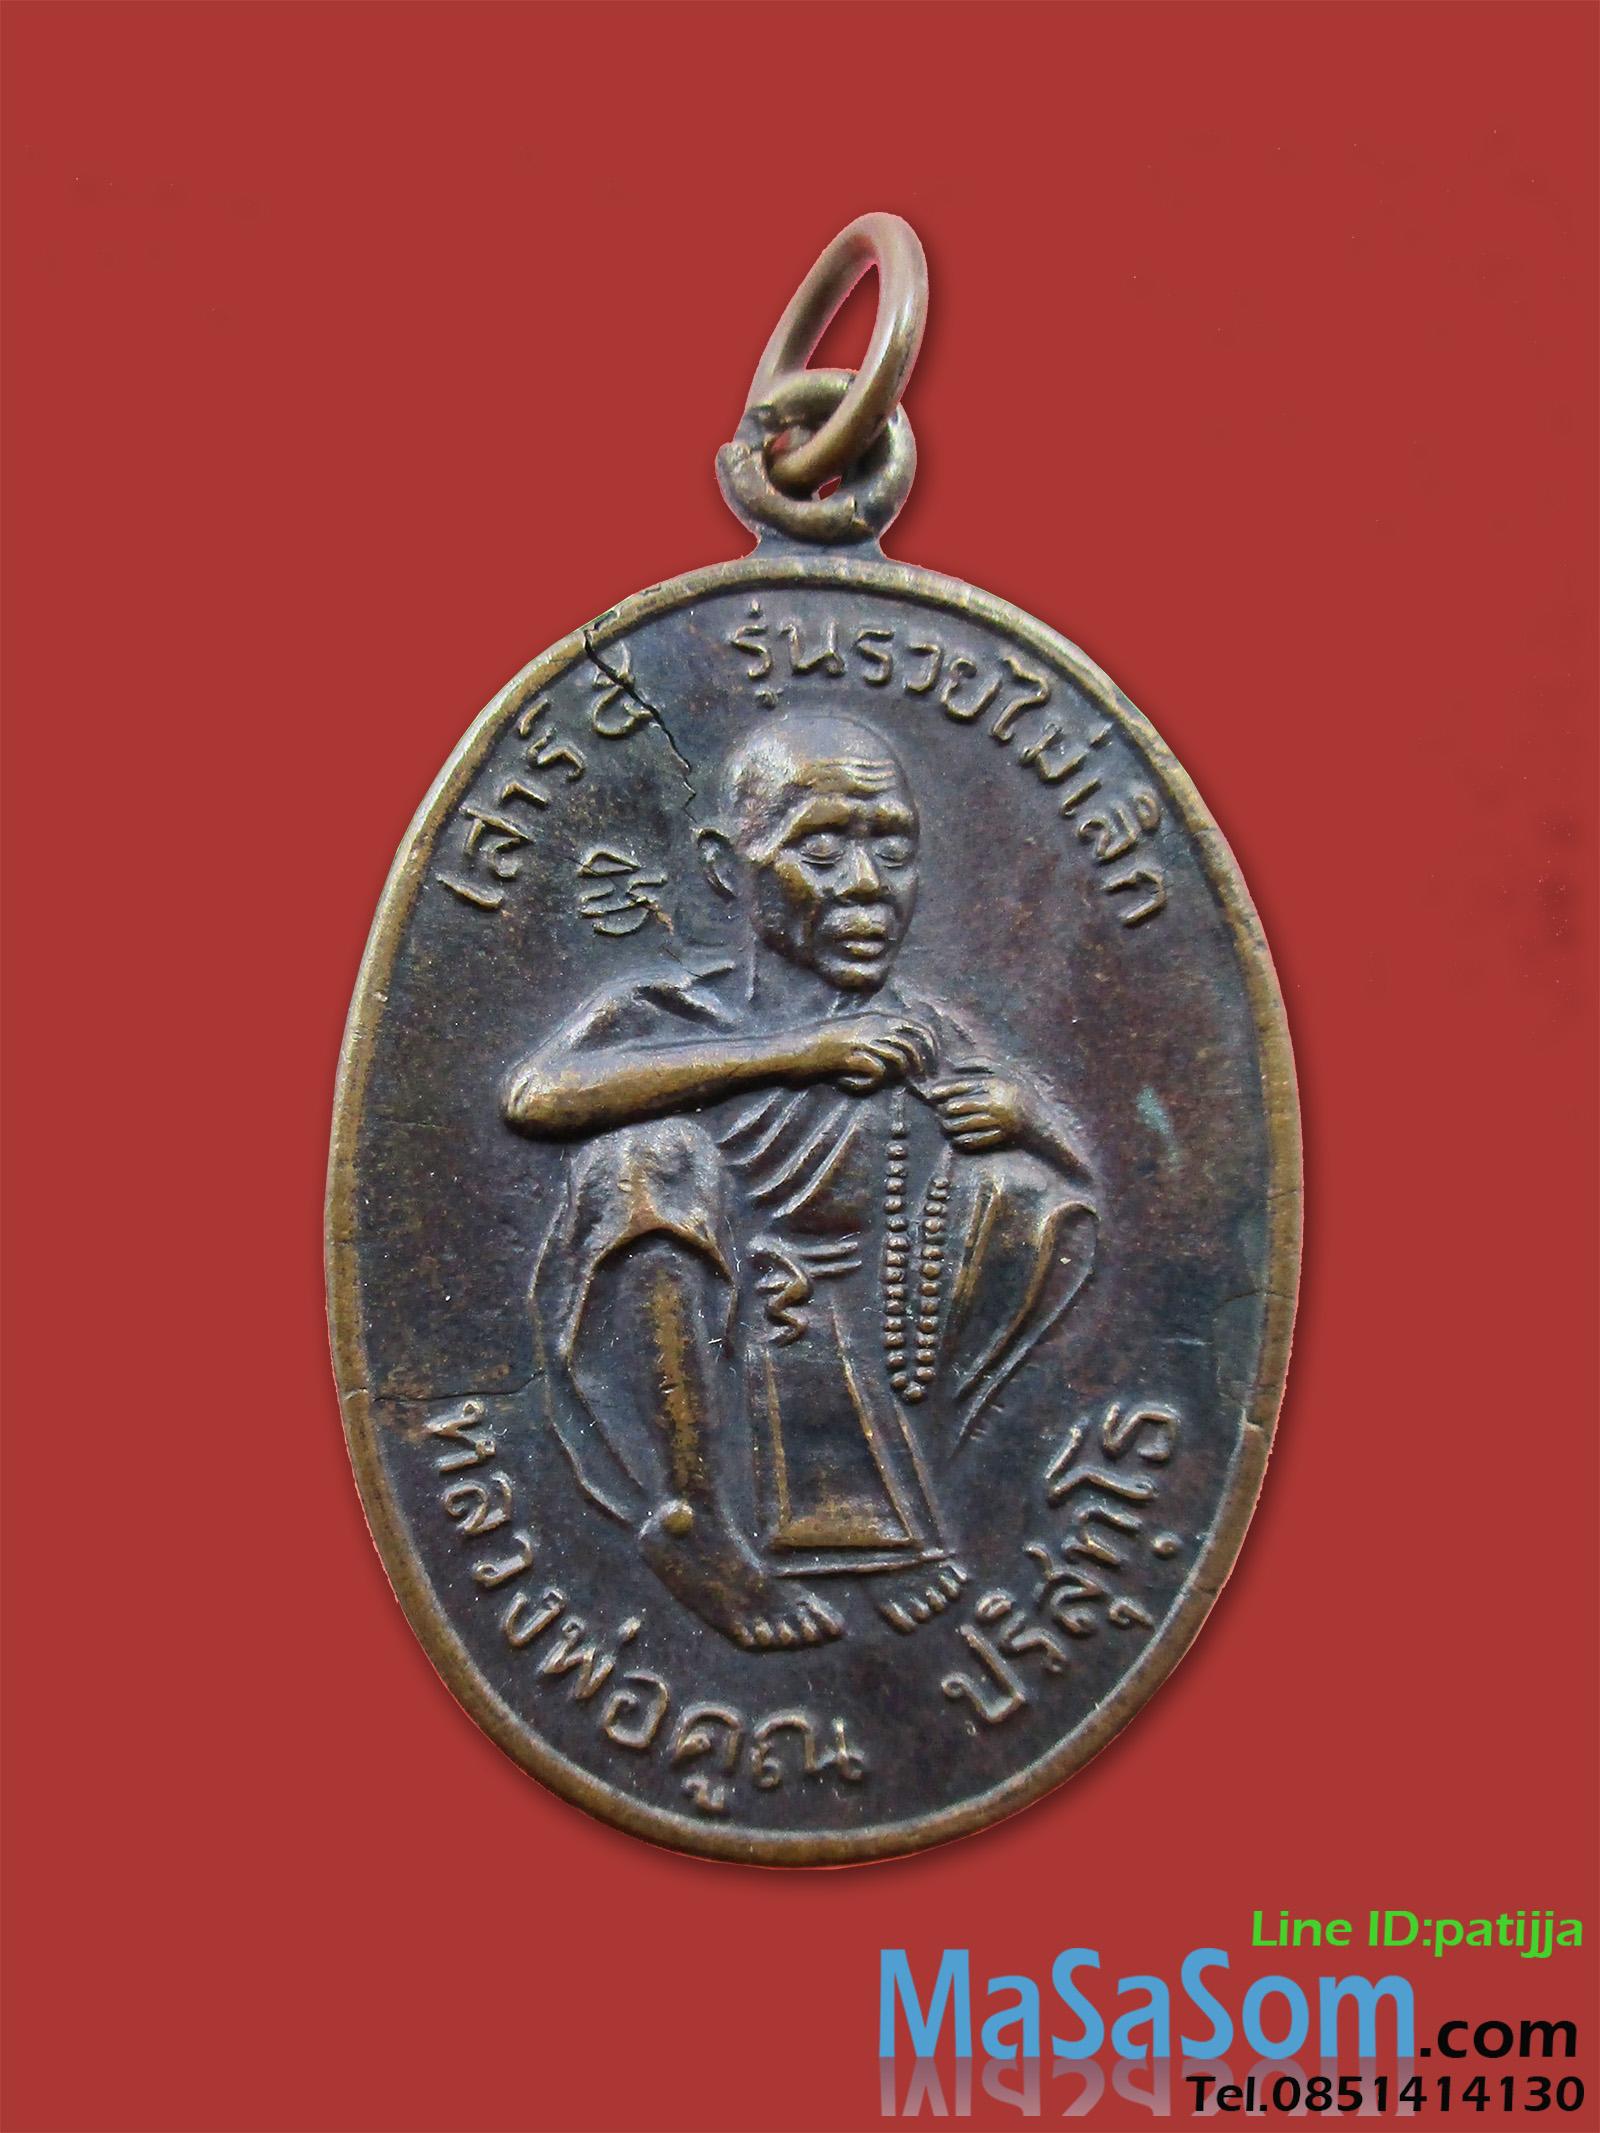 เหรียญหลวงพ่อคูณ รุ่นรวยไม่เลิก ๒๕๓๖